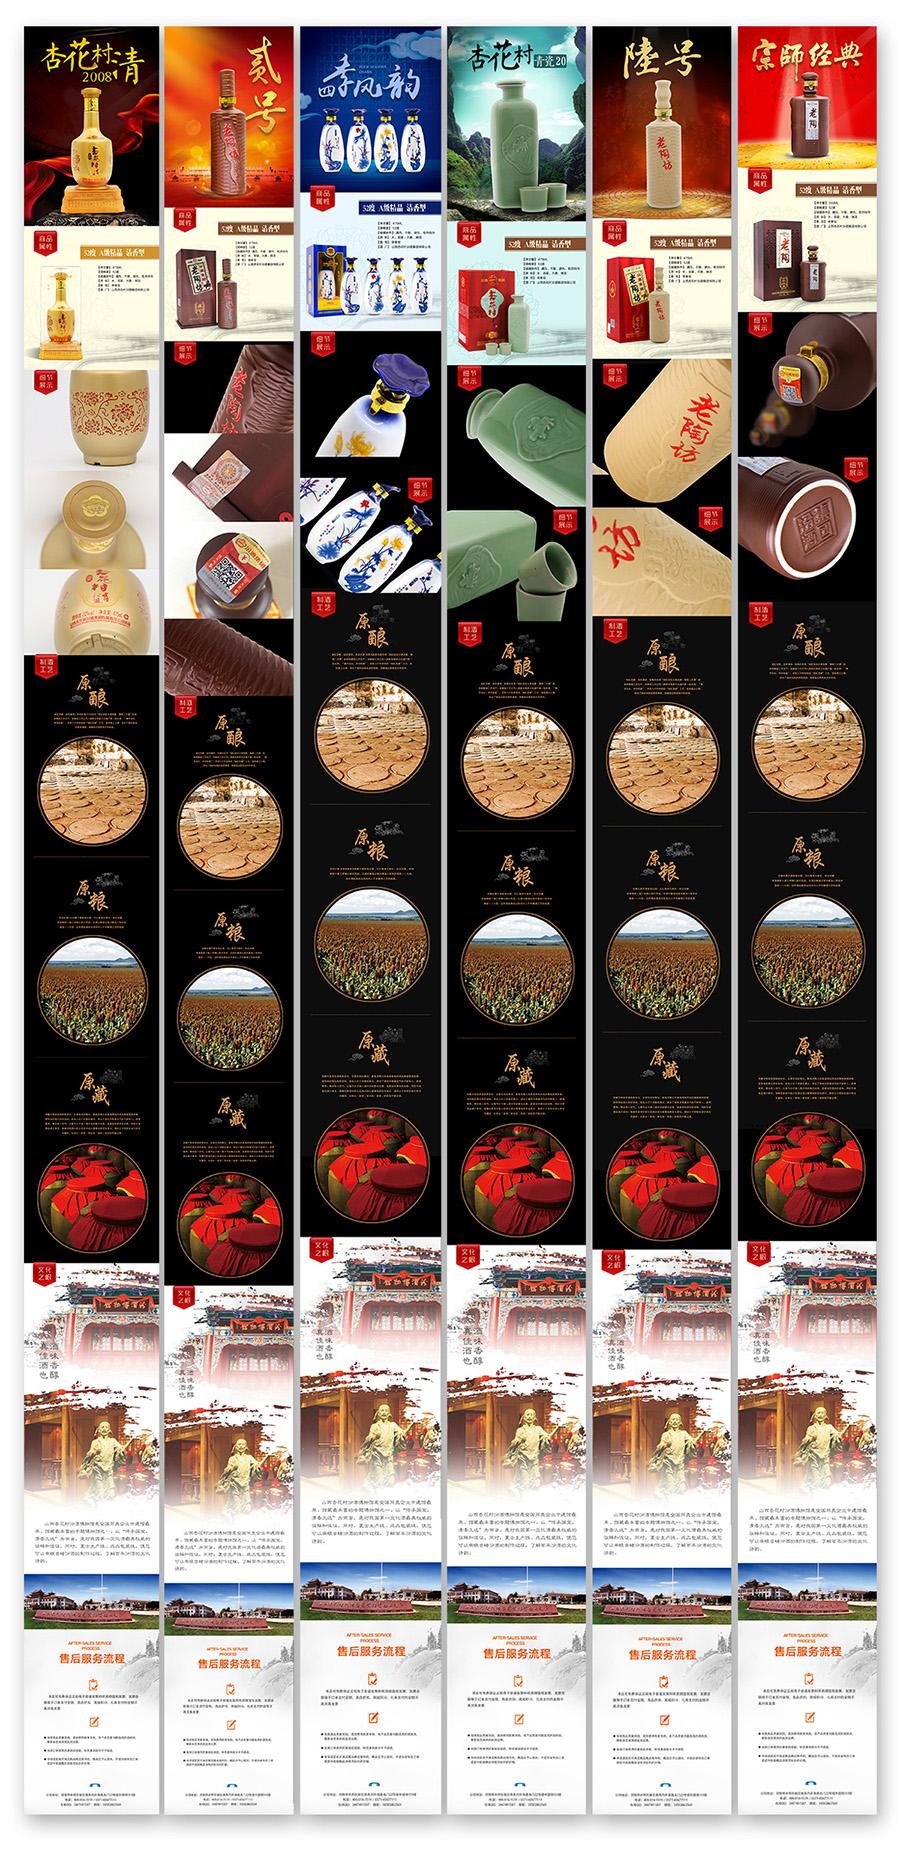 老陶坊汾酒系列電商設計詳情設計產品攝影